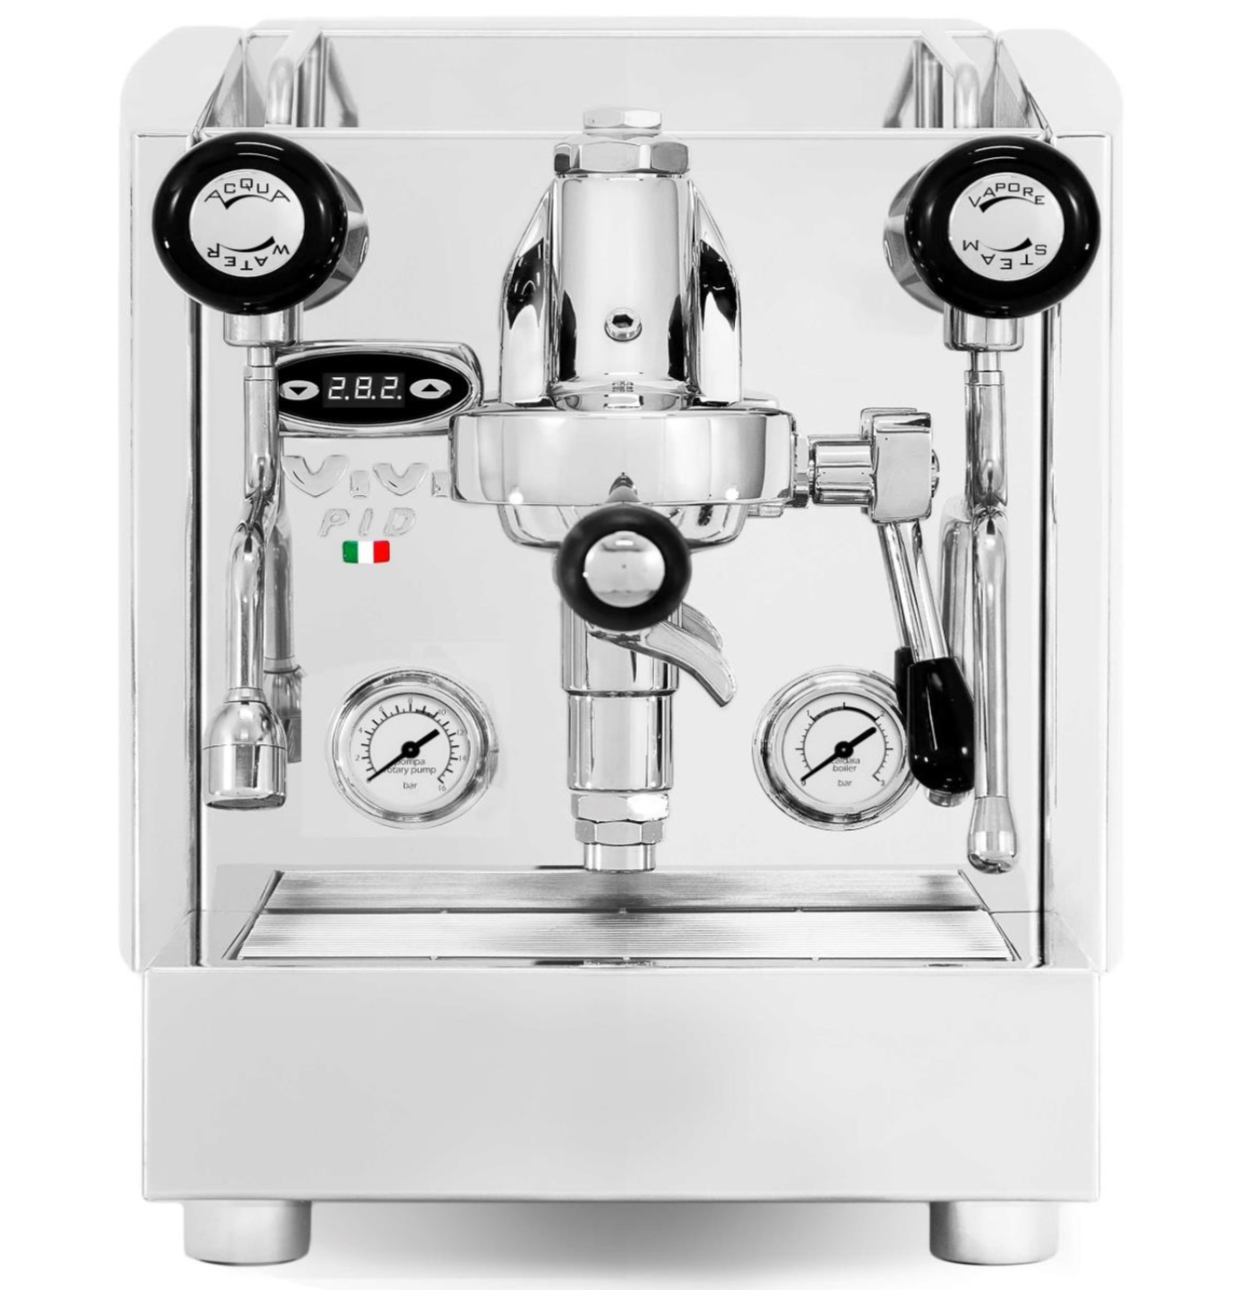 Izzo Vivi PID Espresso Machine